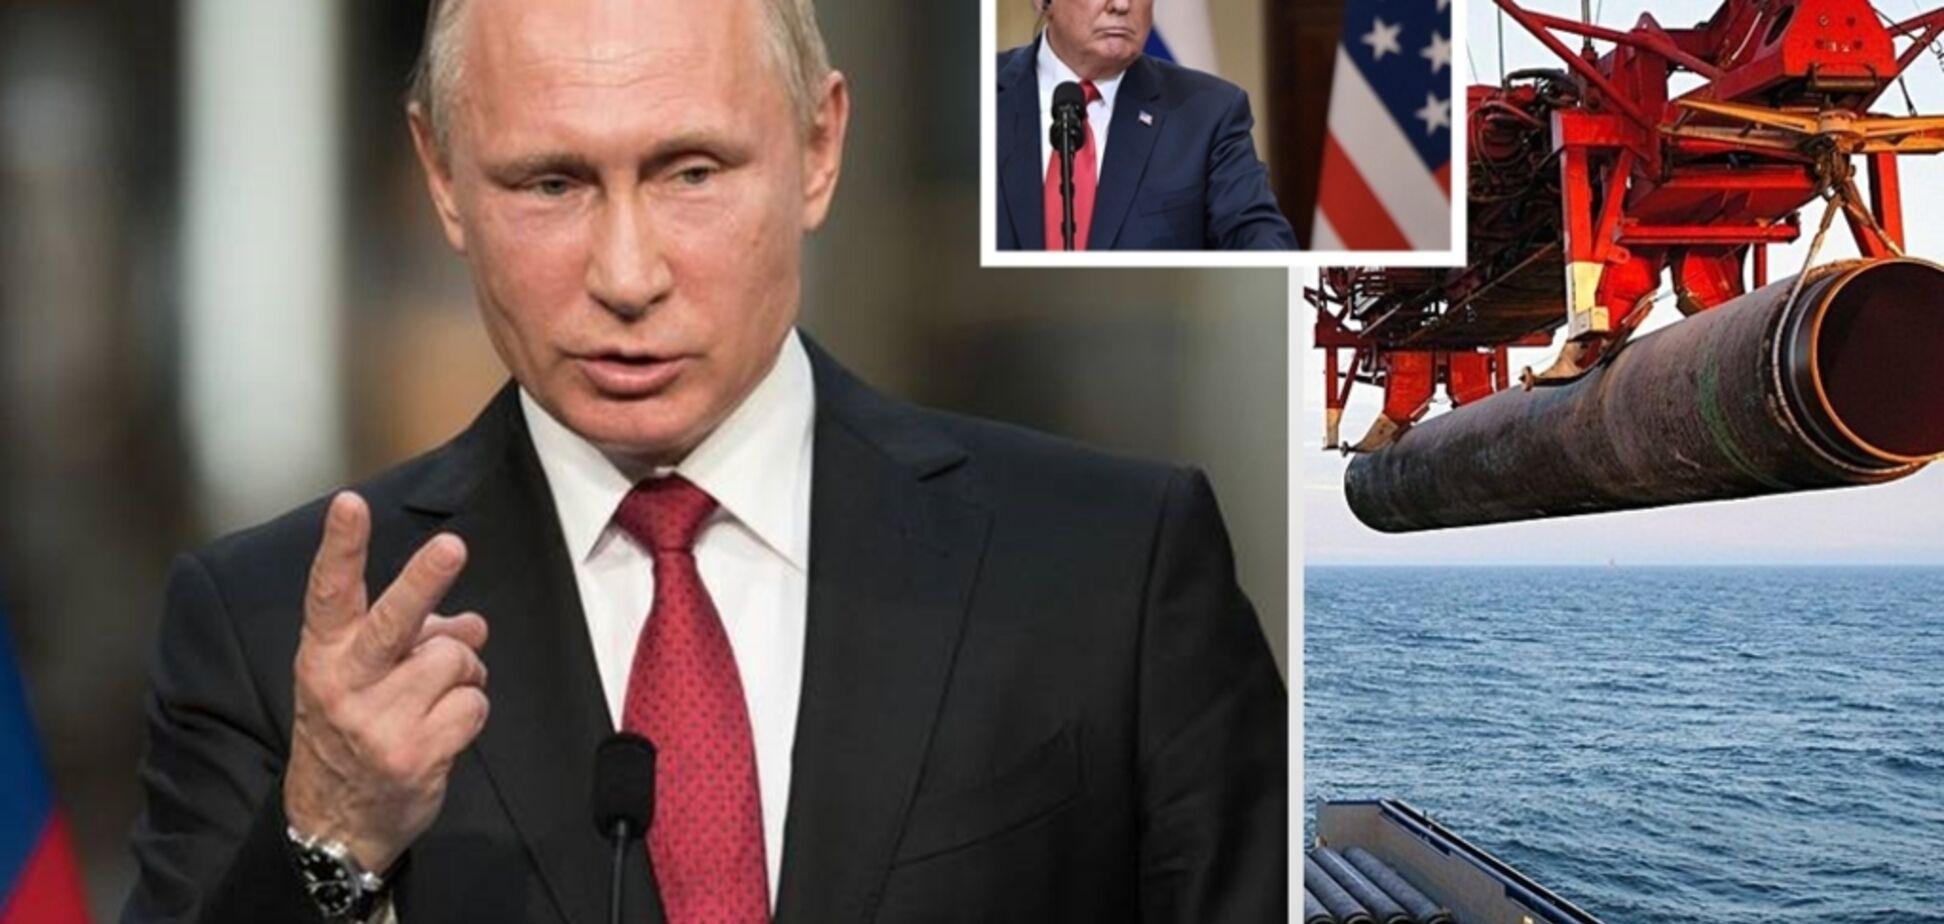 Новый удар Путина по Украине: в США бьют тревогу, а в Германии считают прибыль